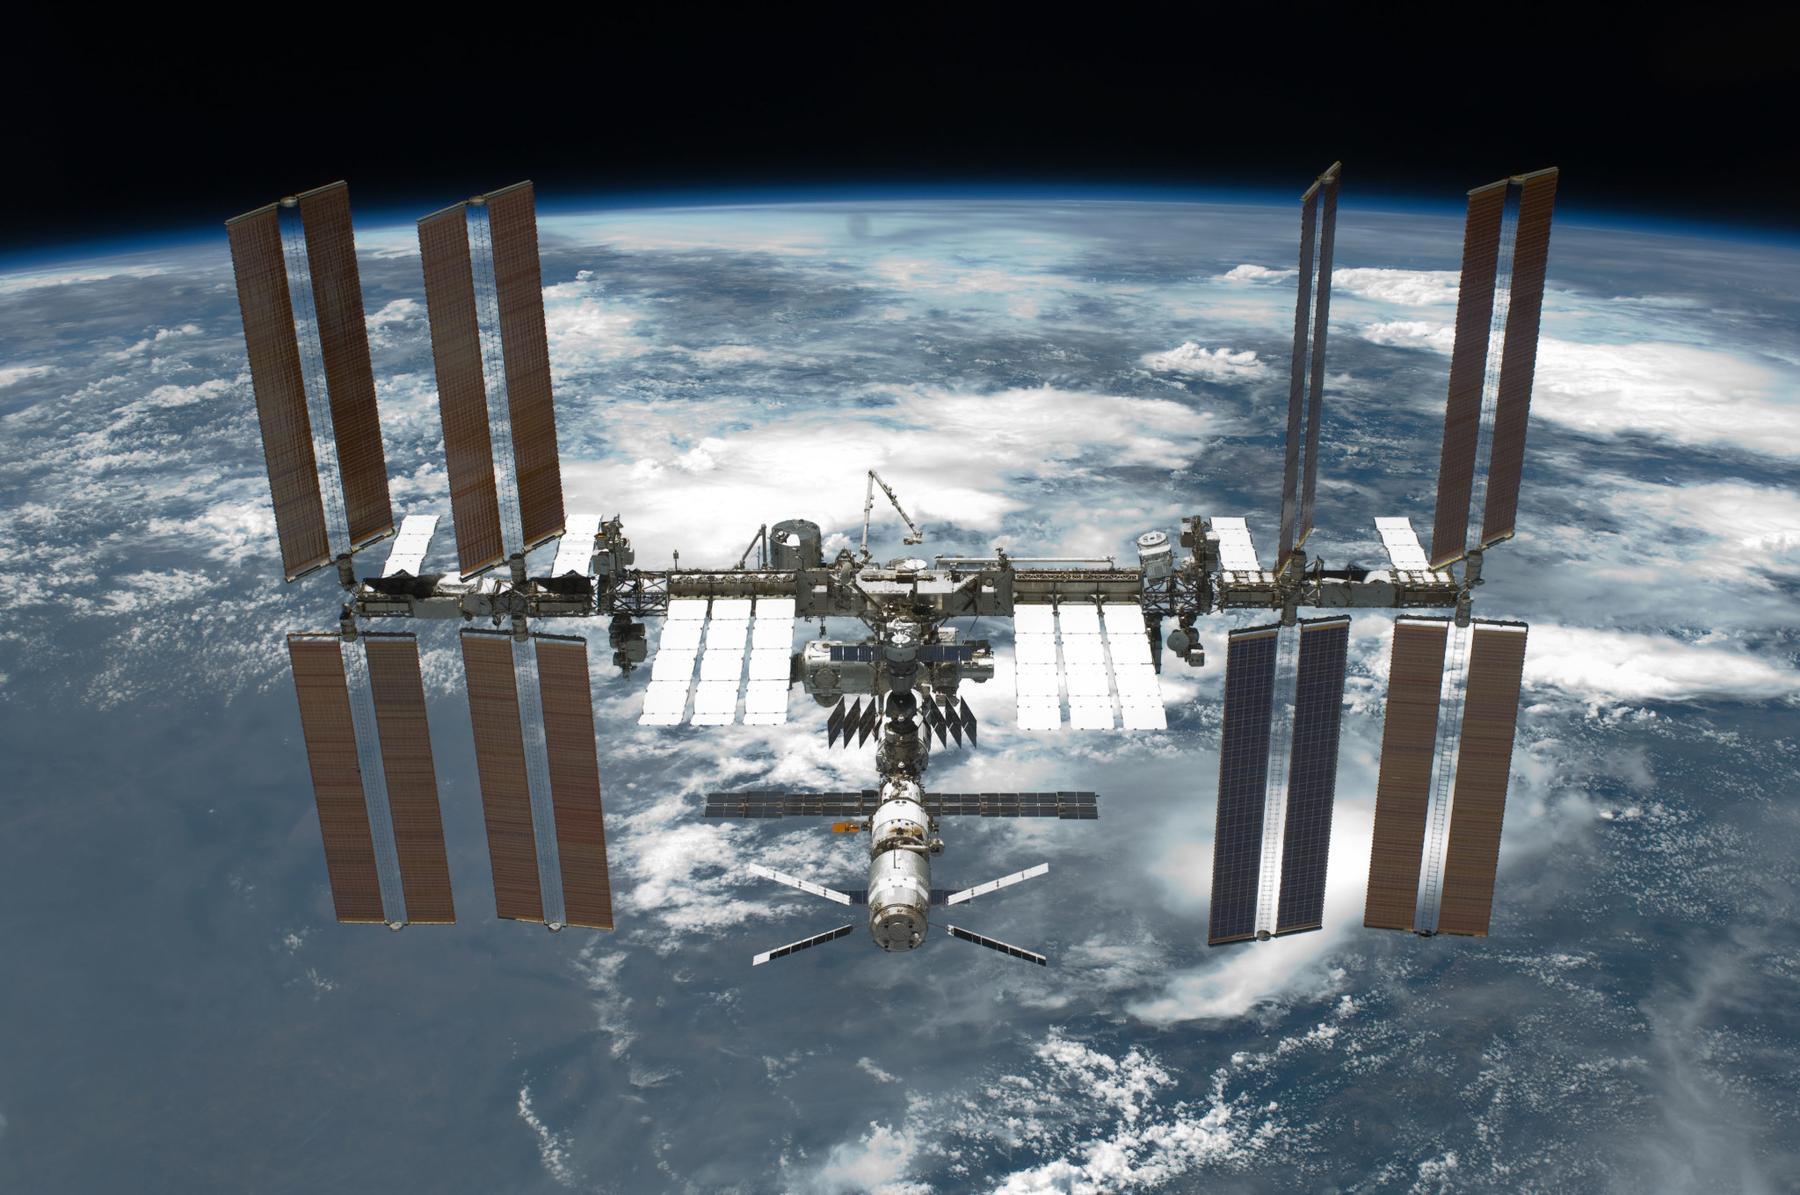 International_Space_Station_after_undocking Infographie : Retour sur les 15 ans d'existence de la Station Spatiale Internationale (ISS)